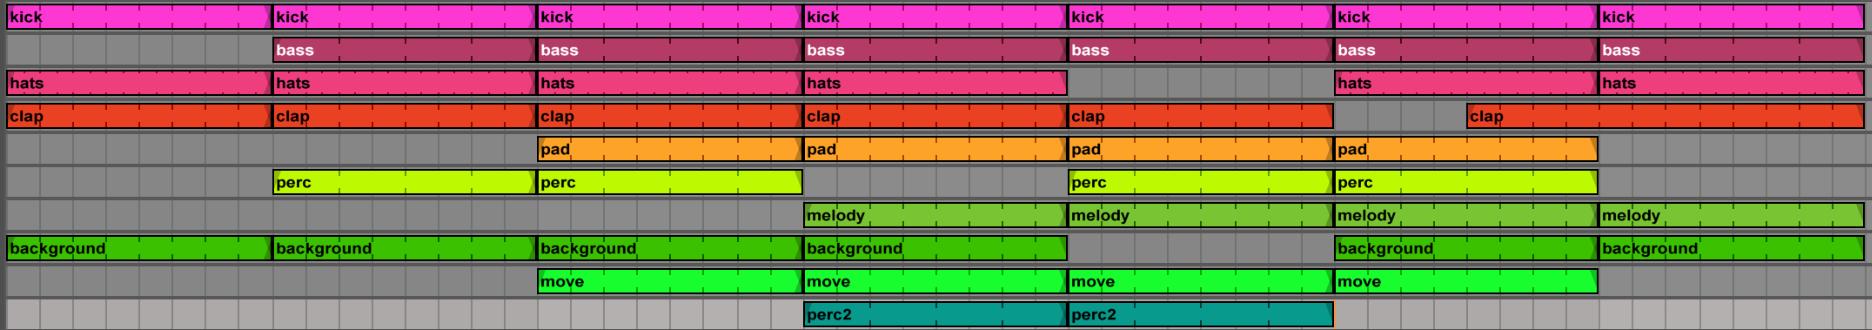 Ableton, arrangements, live, techno, clean